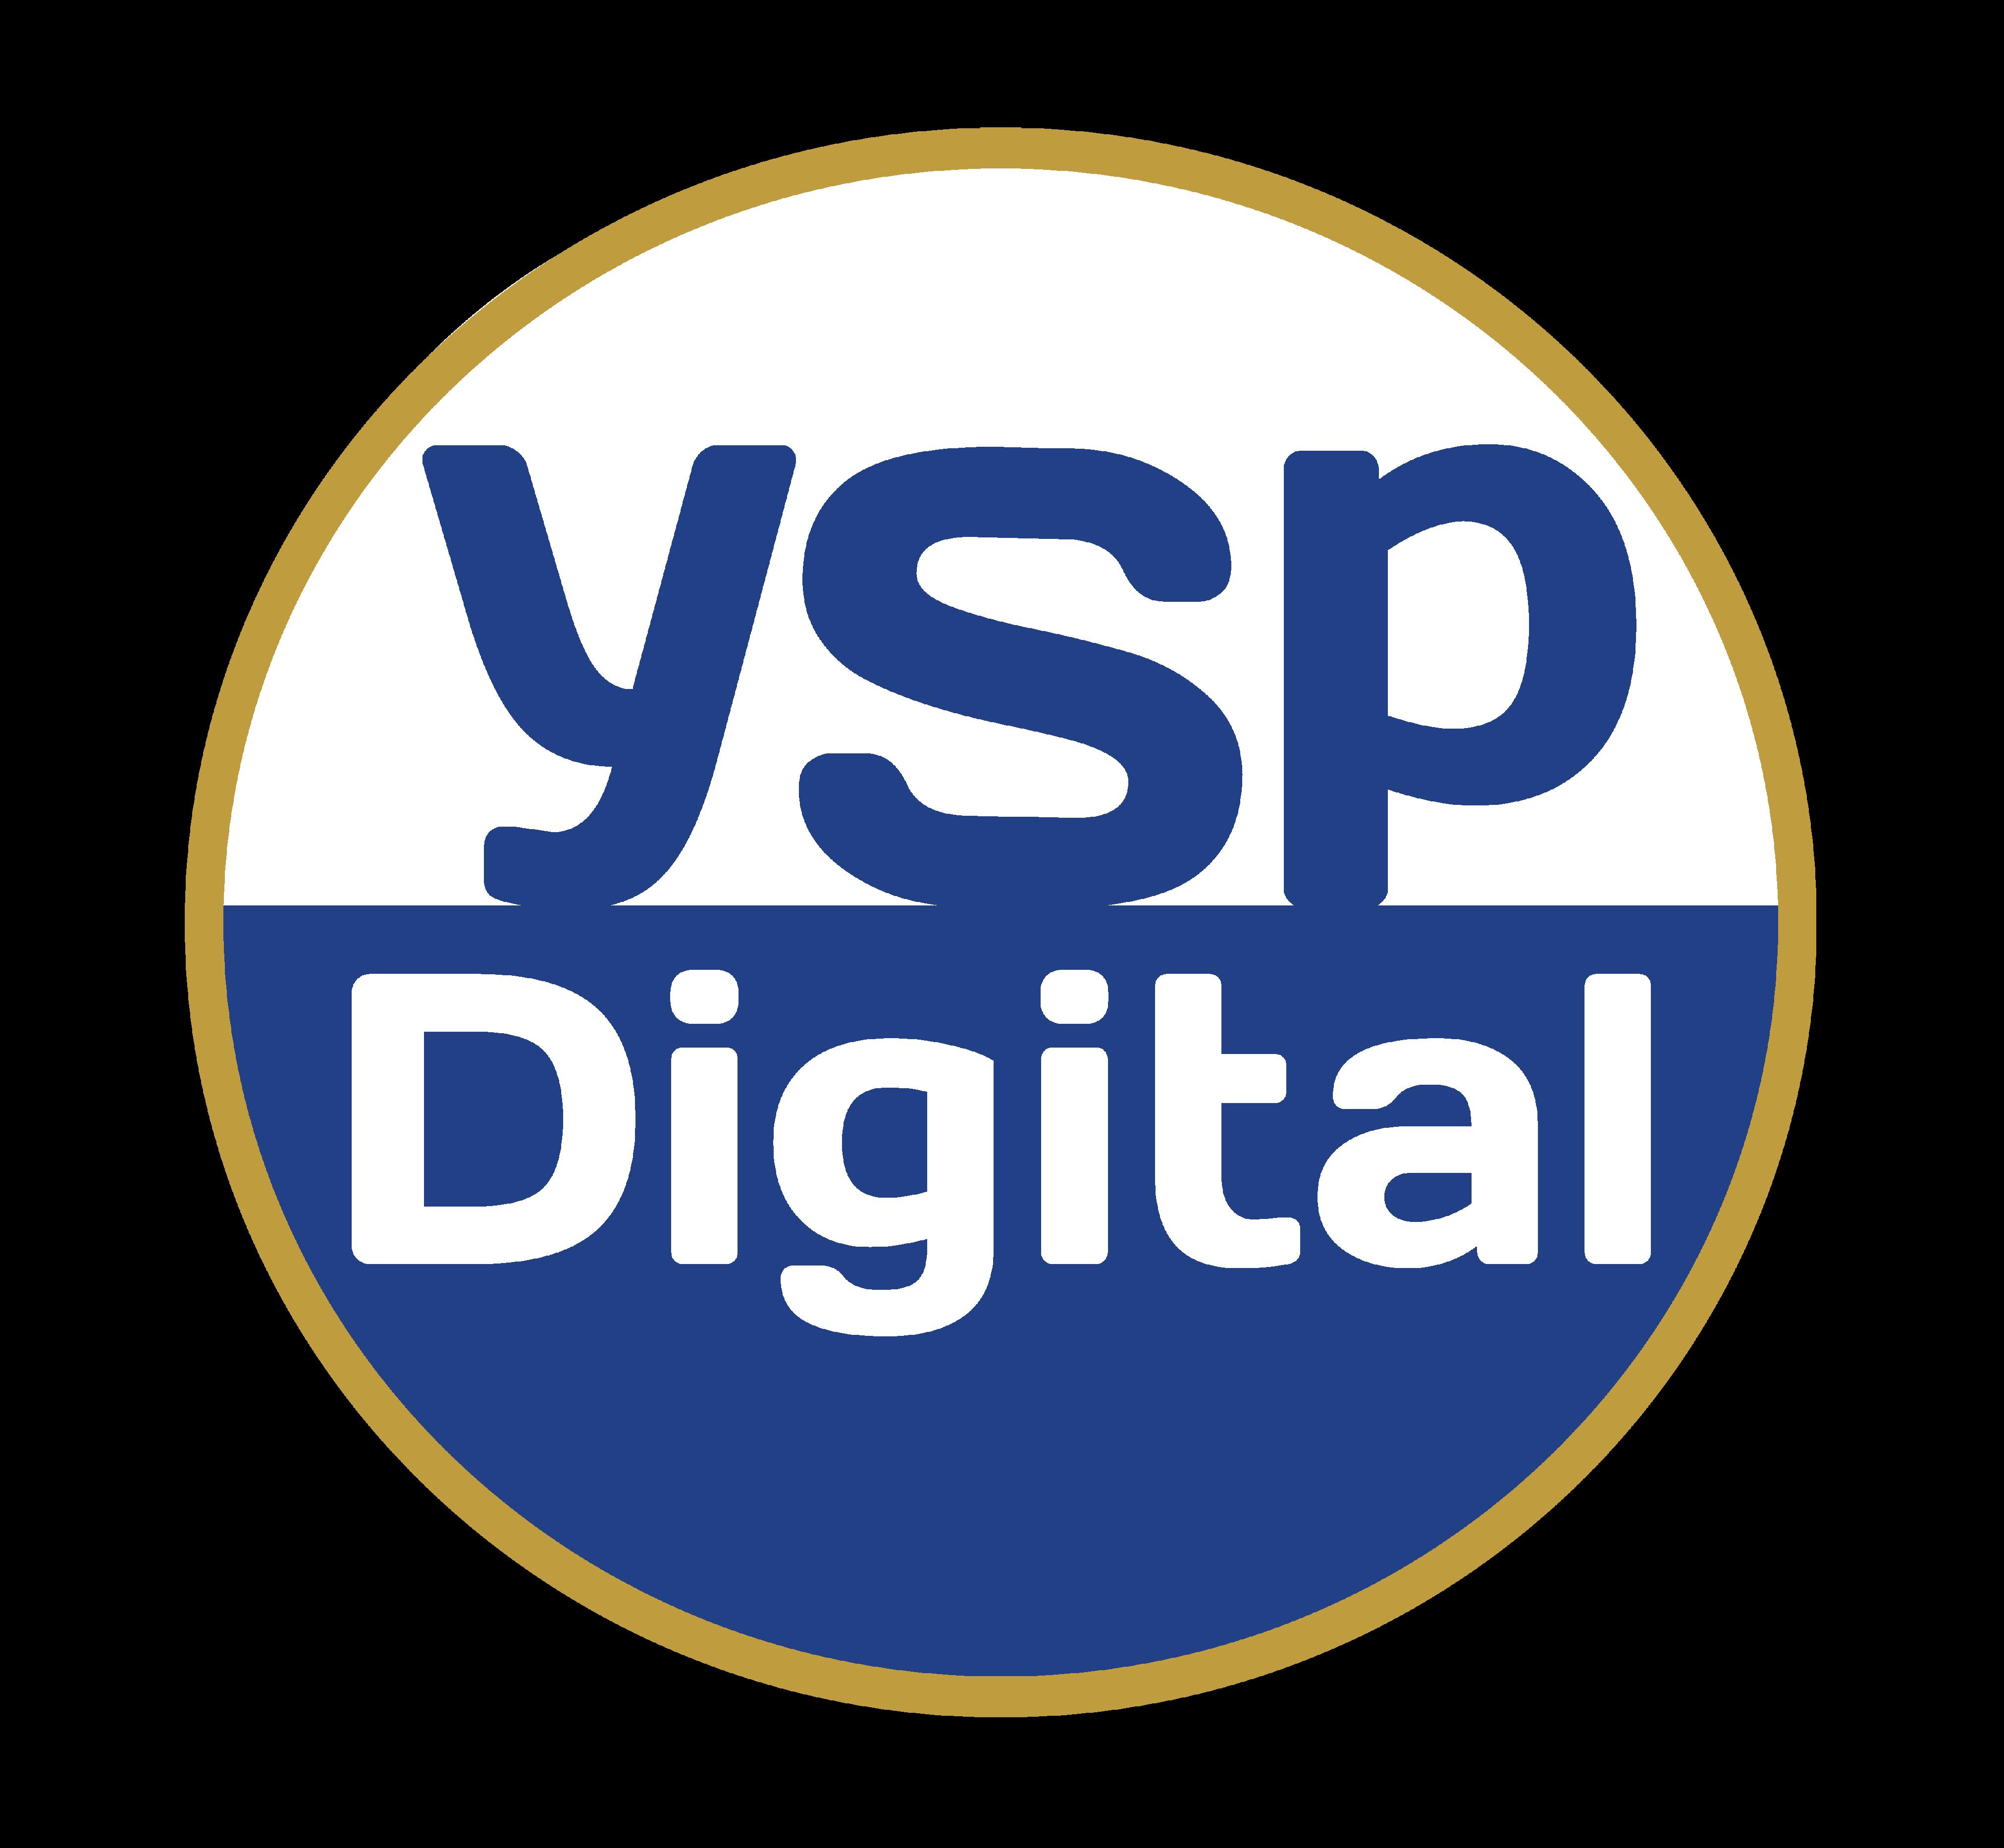 ysp-digital-marketing-agency